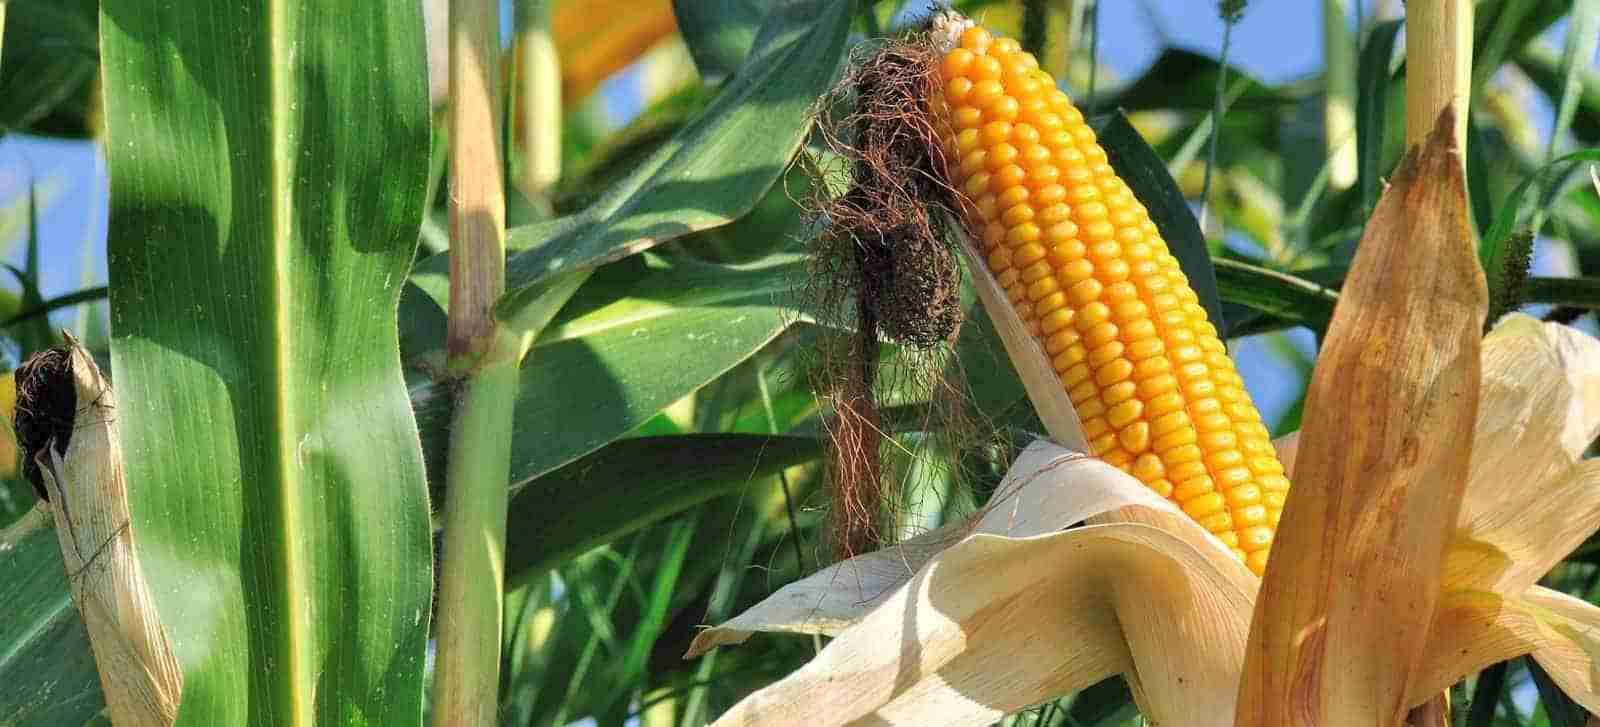 download crop programs